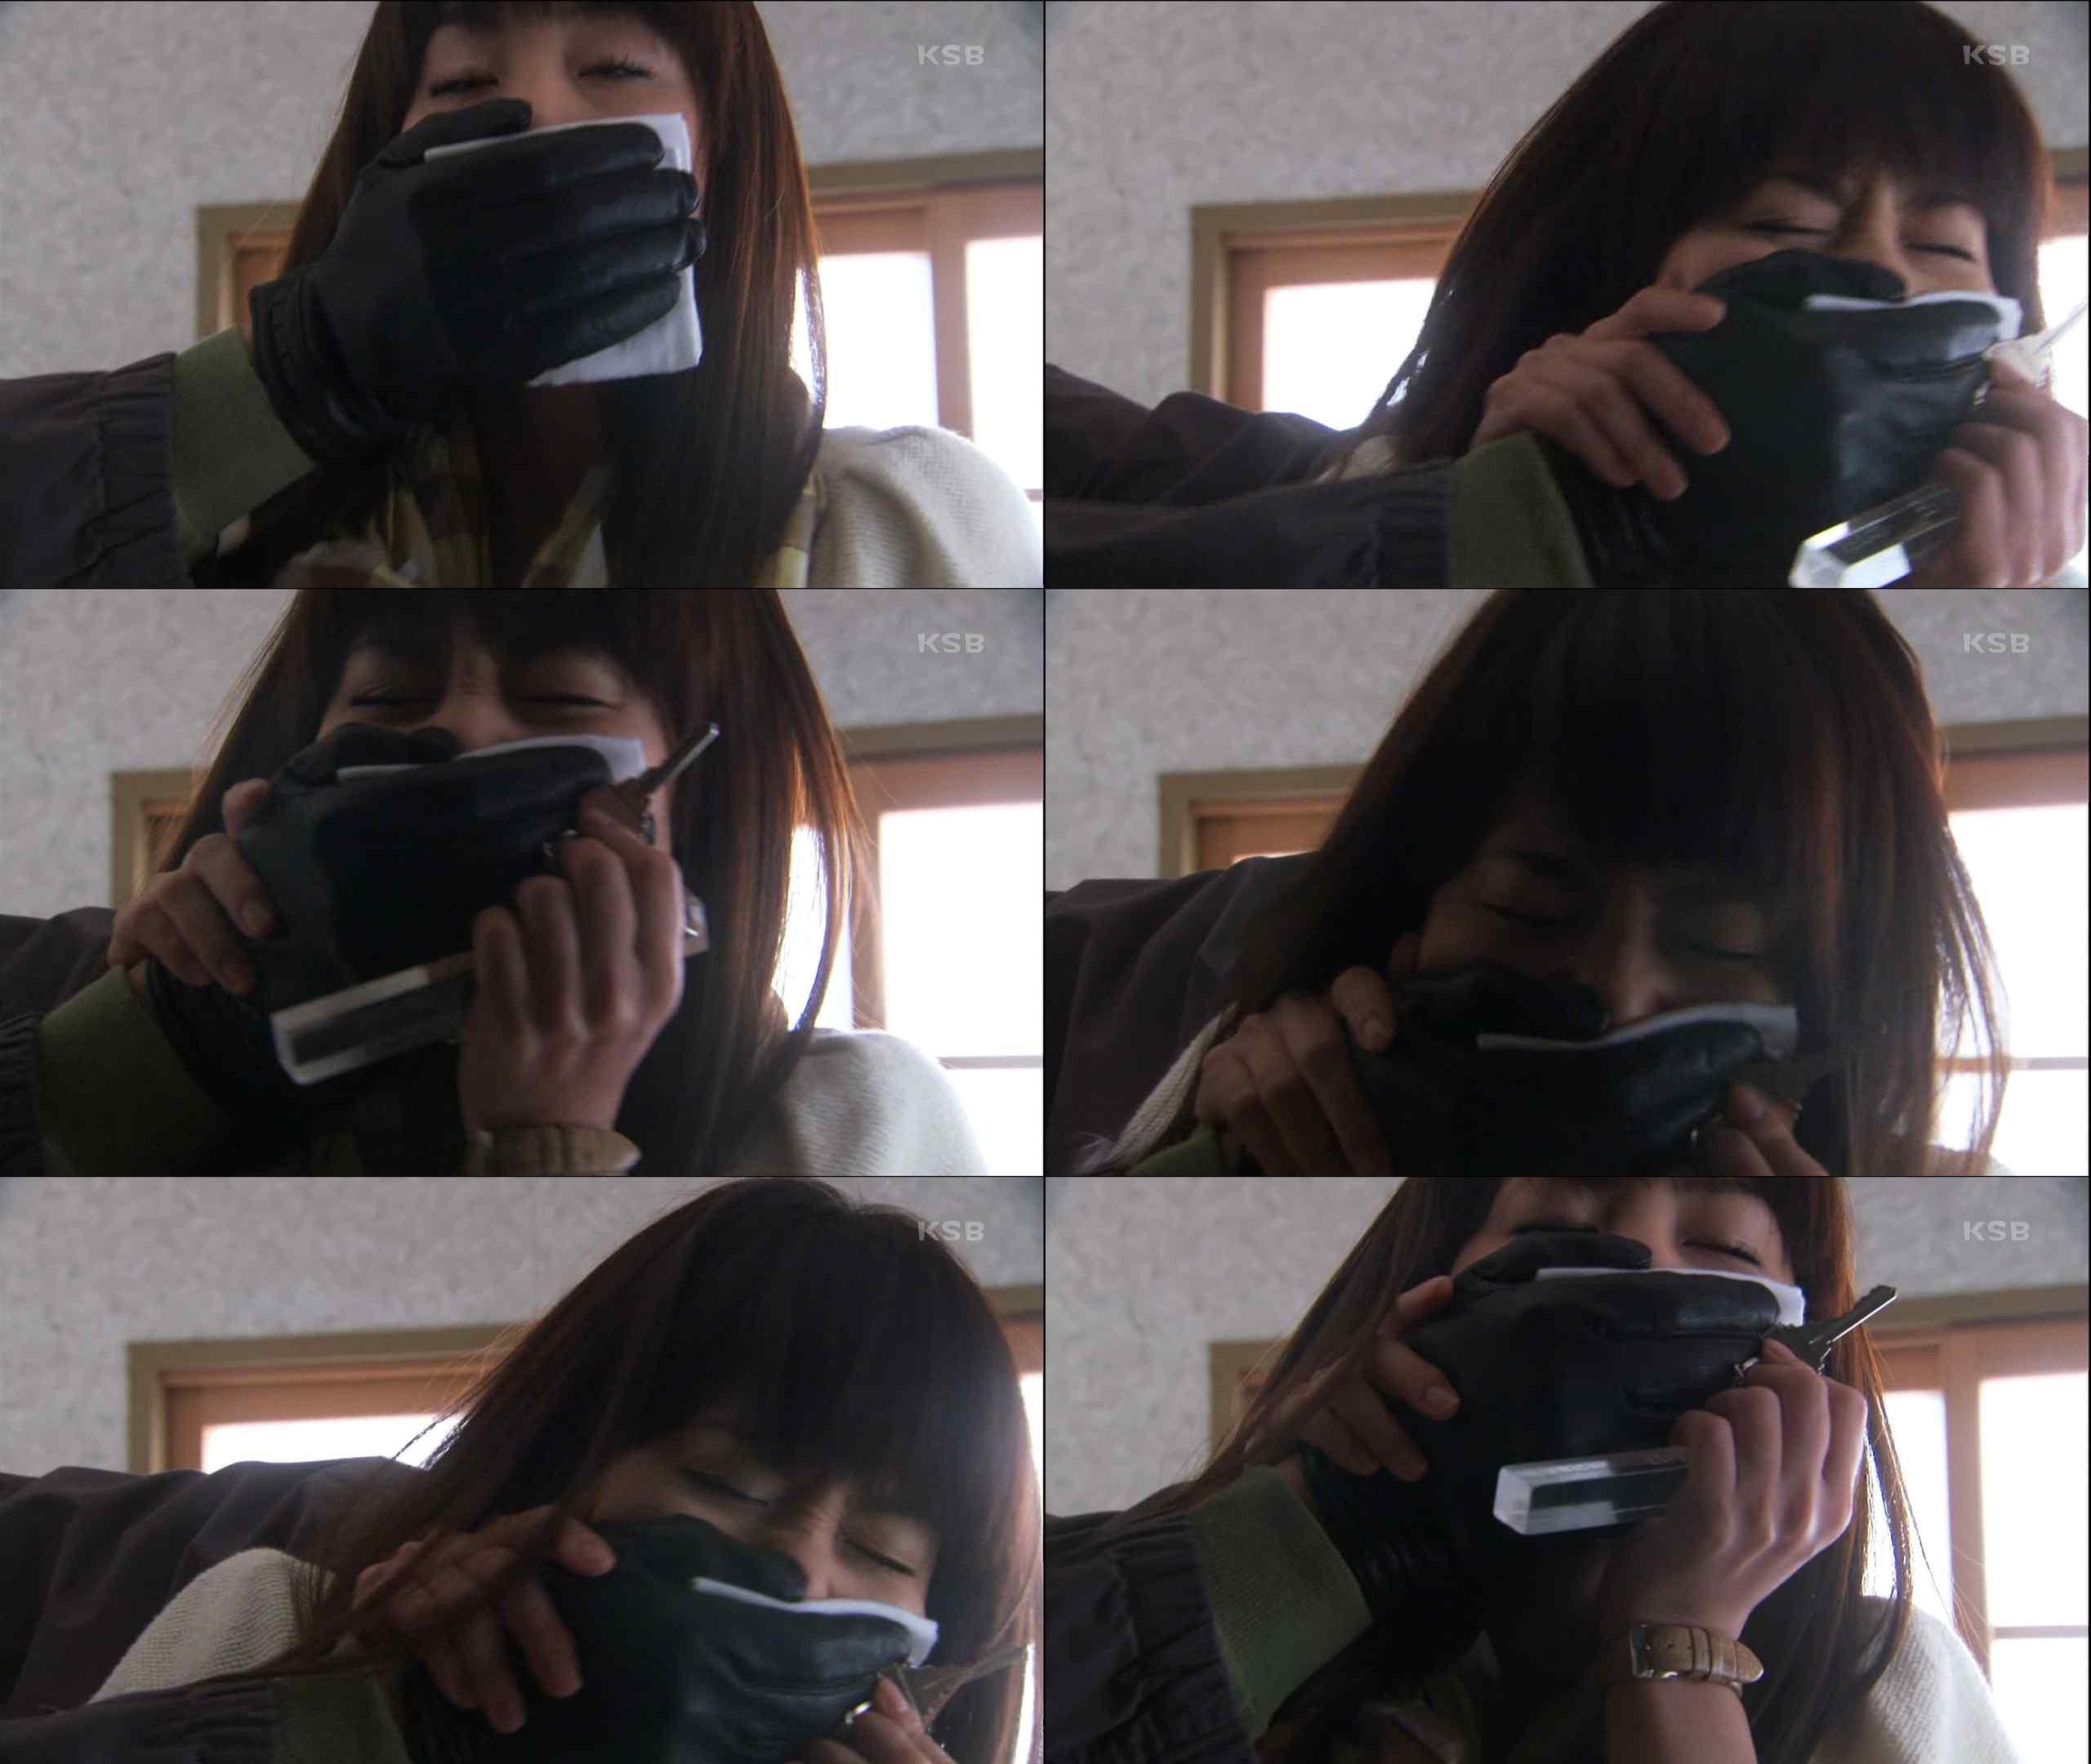 请问有此情景的韩国电视剧叫什么名字